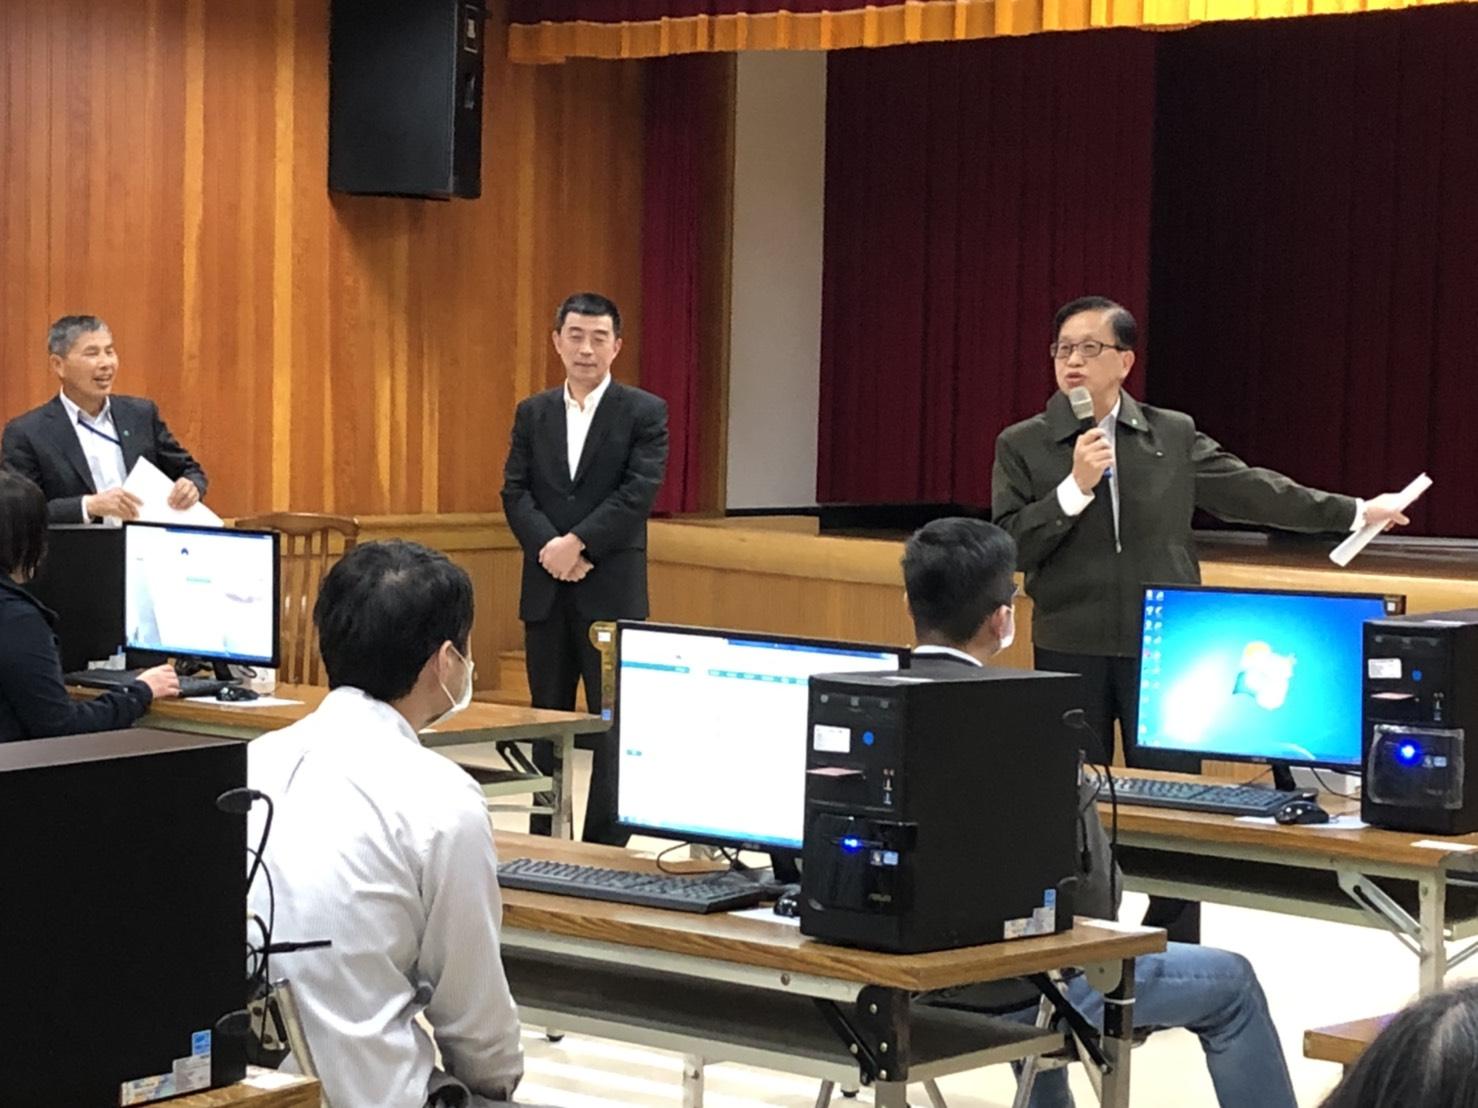 內政部異地辦公場所、事務機具、電腦設備等均已整備完成